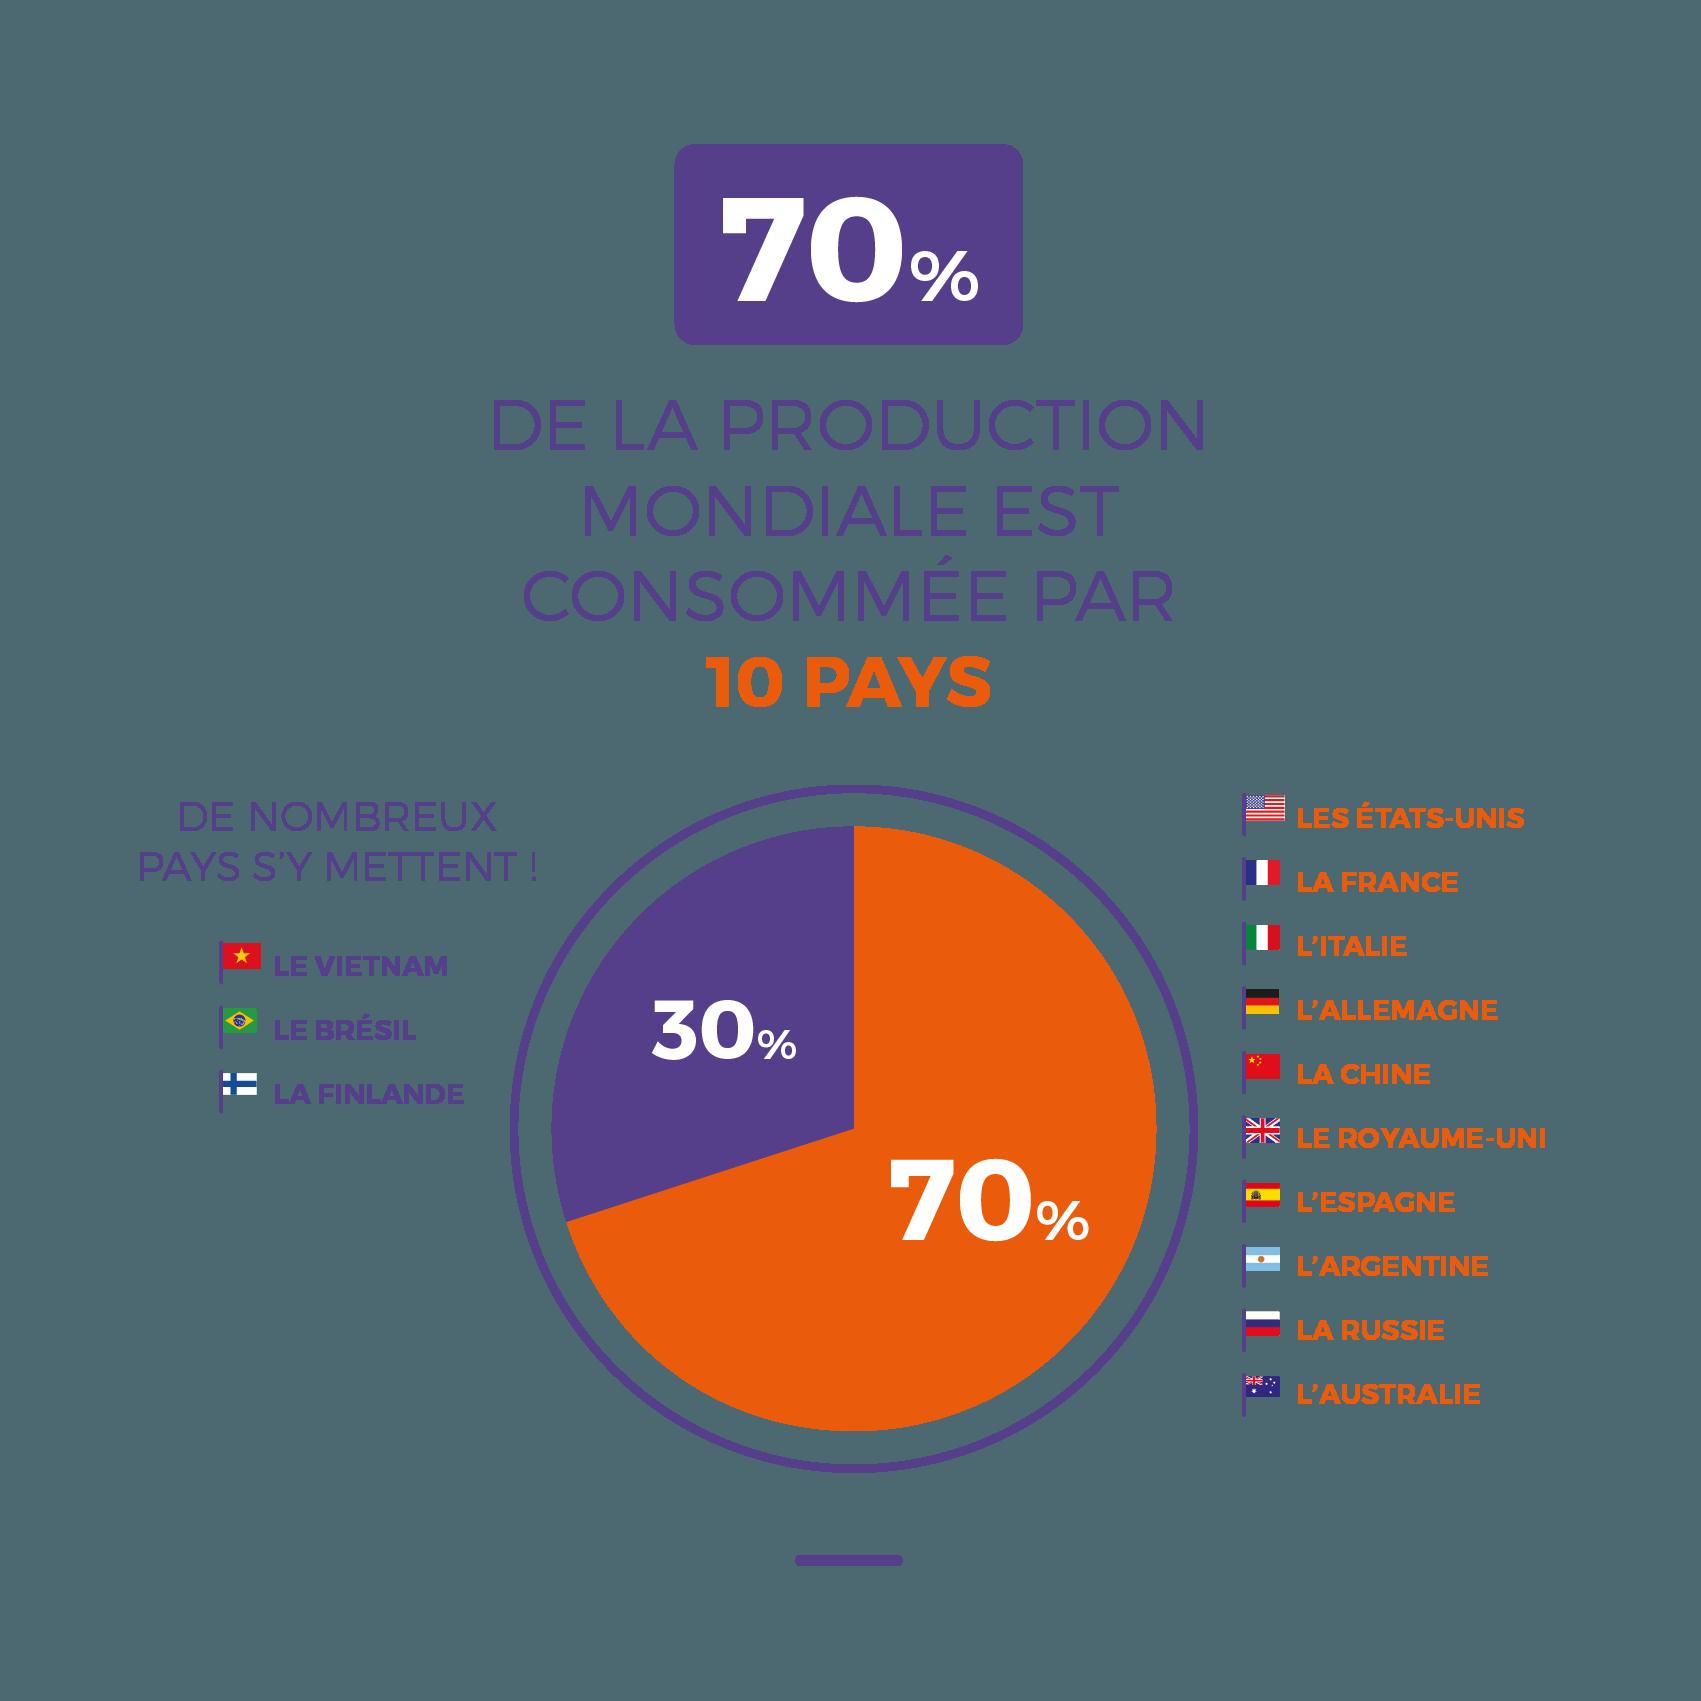 70 de la production mondiale est consommée par 10 pays